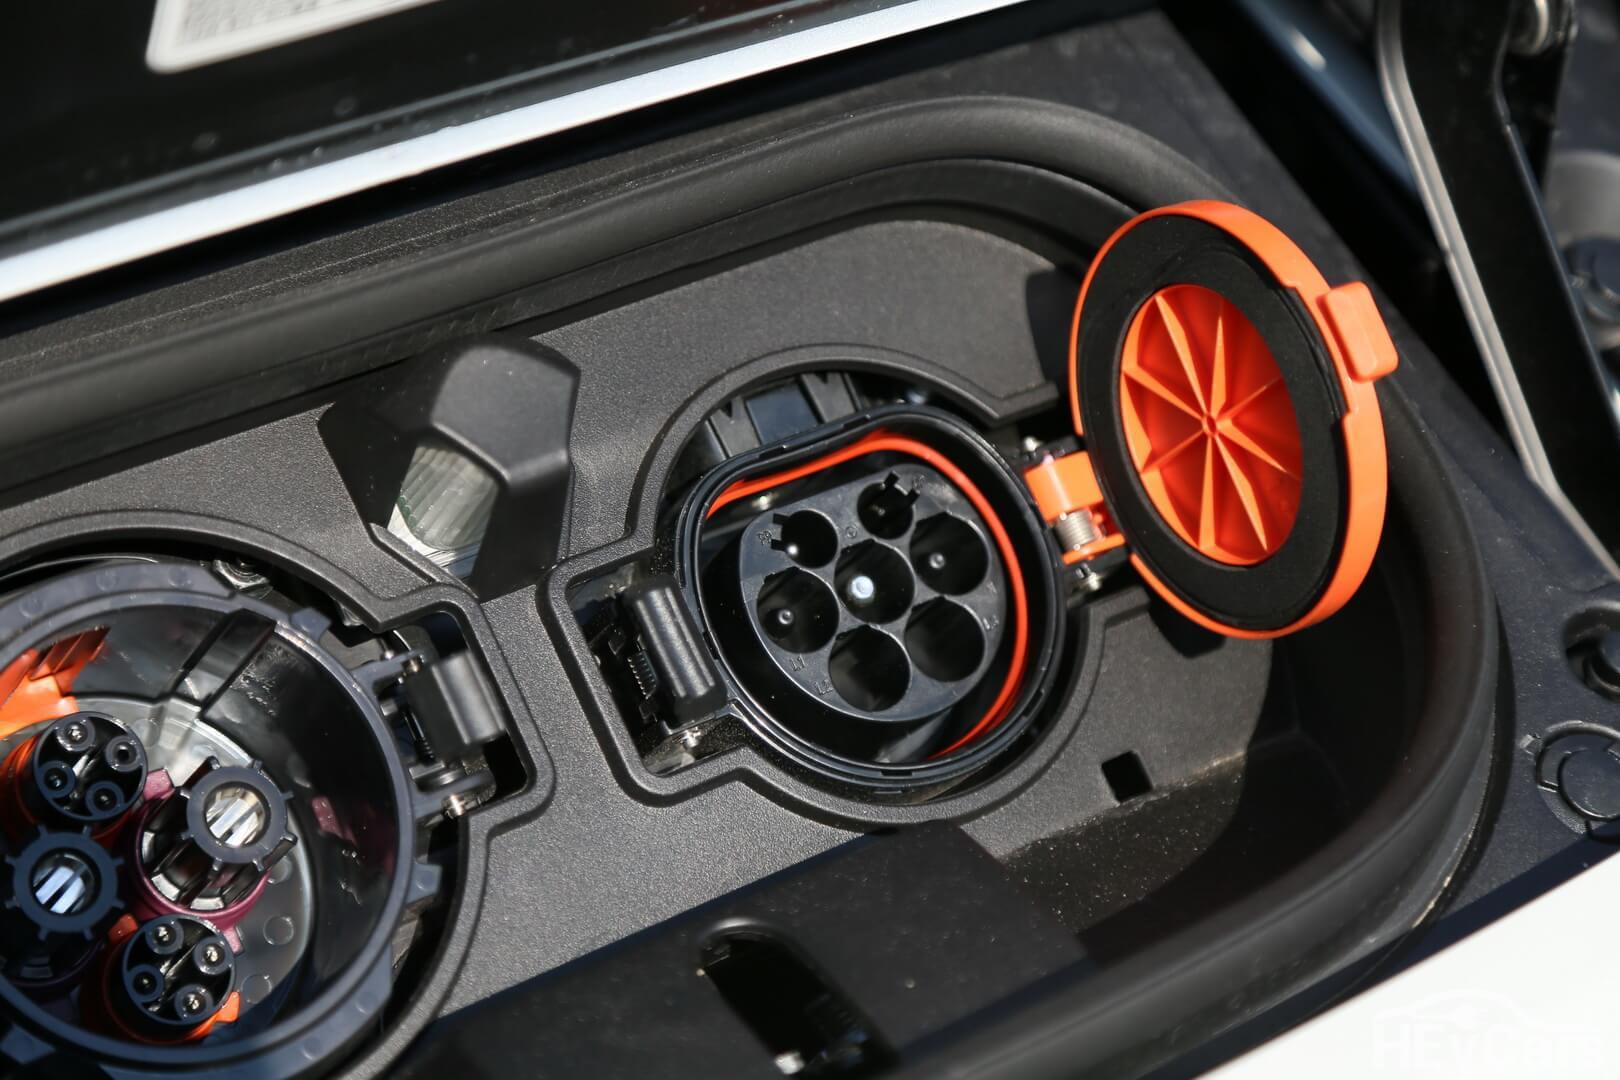 Разъем Type 2 Mennekes для зарядки европейской версии Nissan Leaf 2018